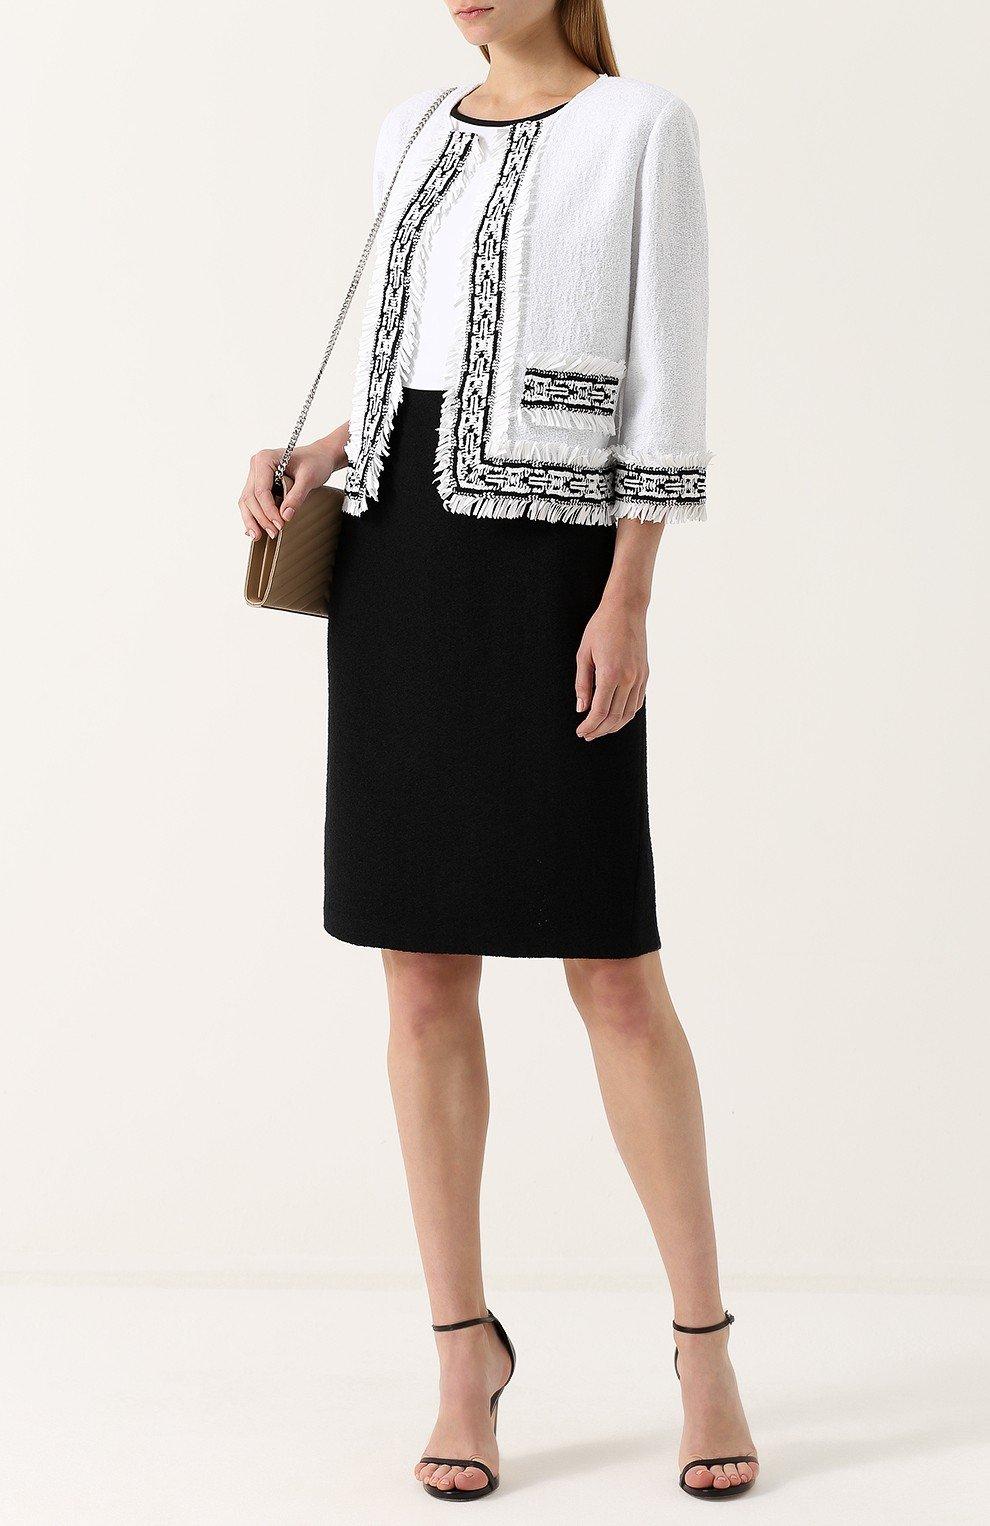 модный белый пиджак женский с черными элементами 2018 года